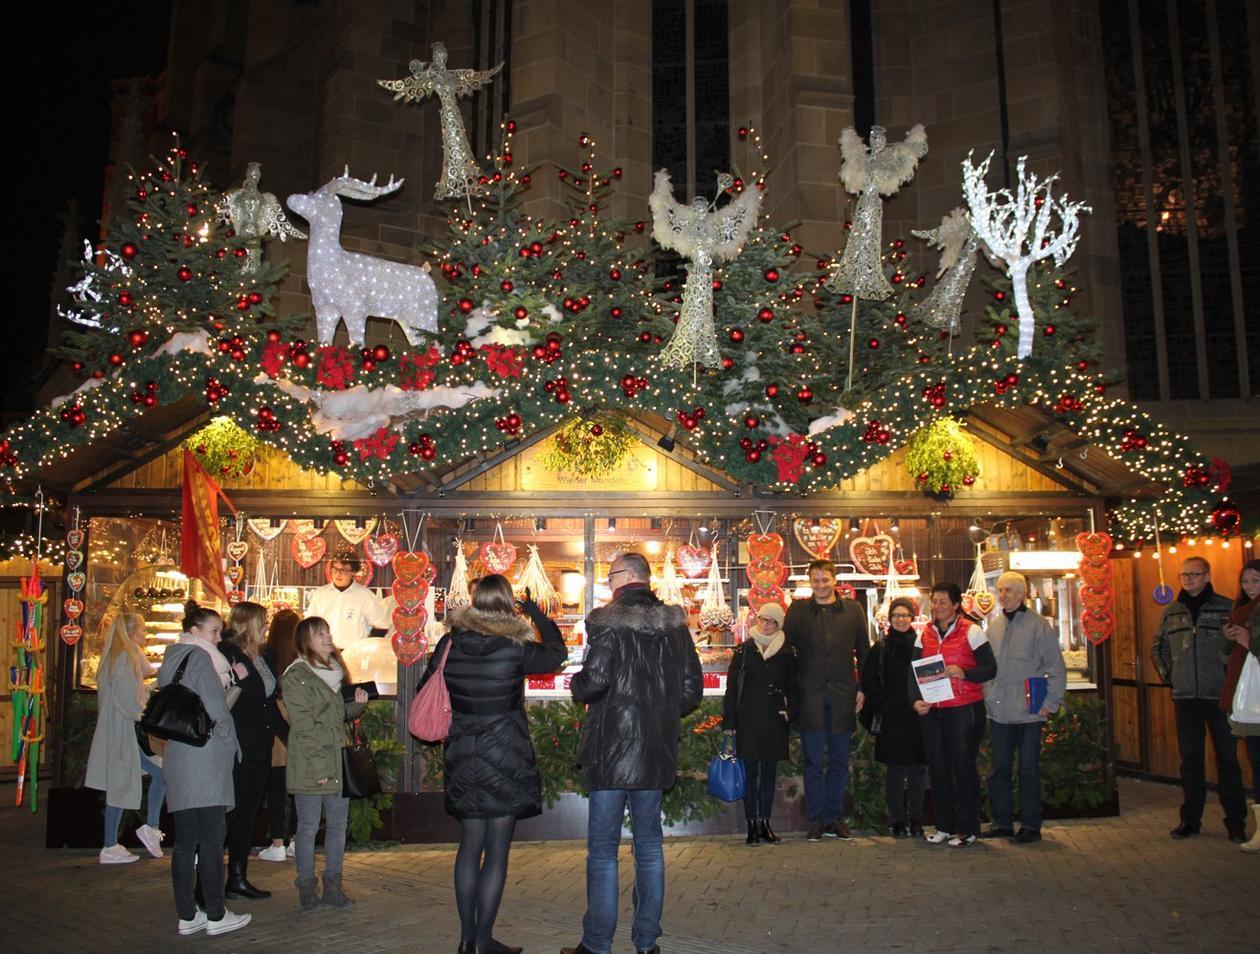 Weihnachtsmarkt Heilbronn.Der Schönste Stand Auf Dem Heilbronner Weihnachtsmarkt Heilbronn